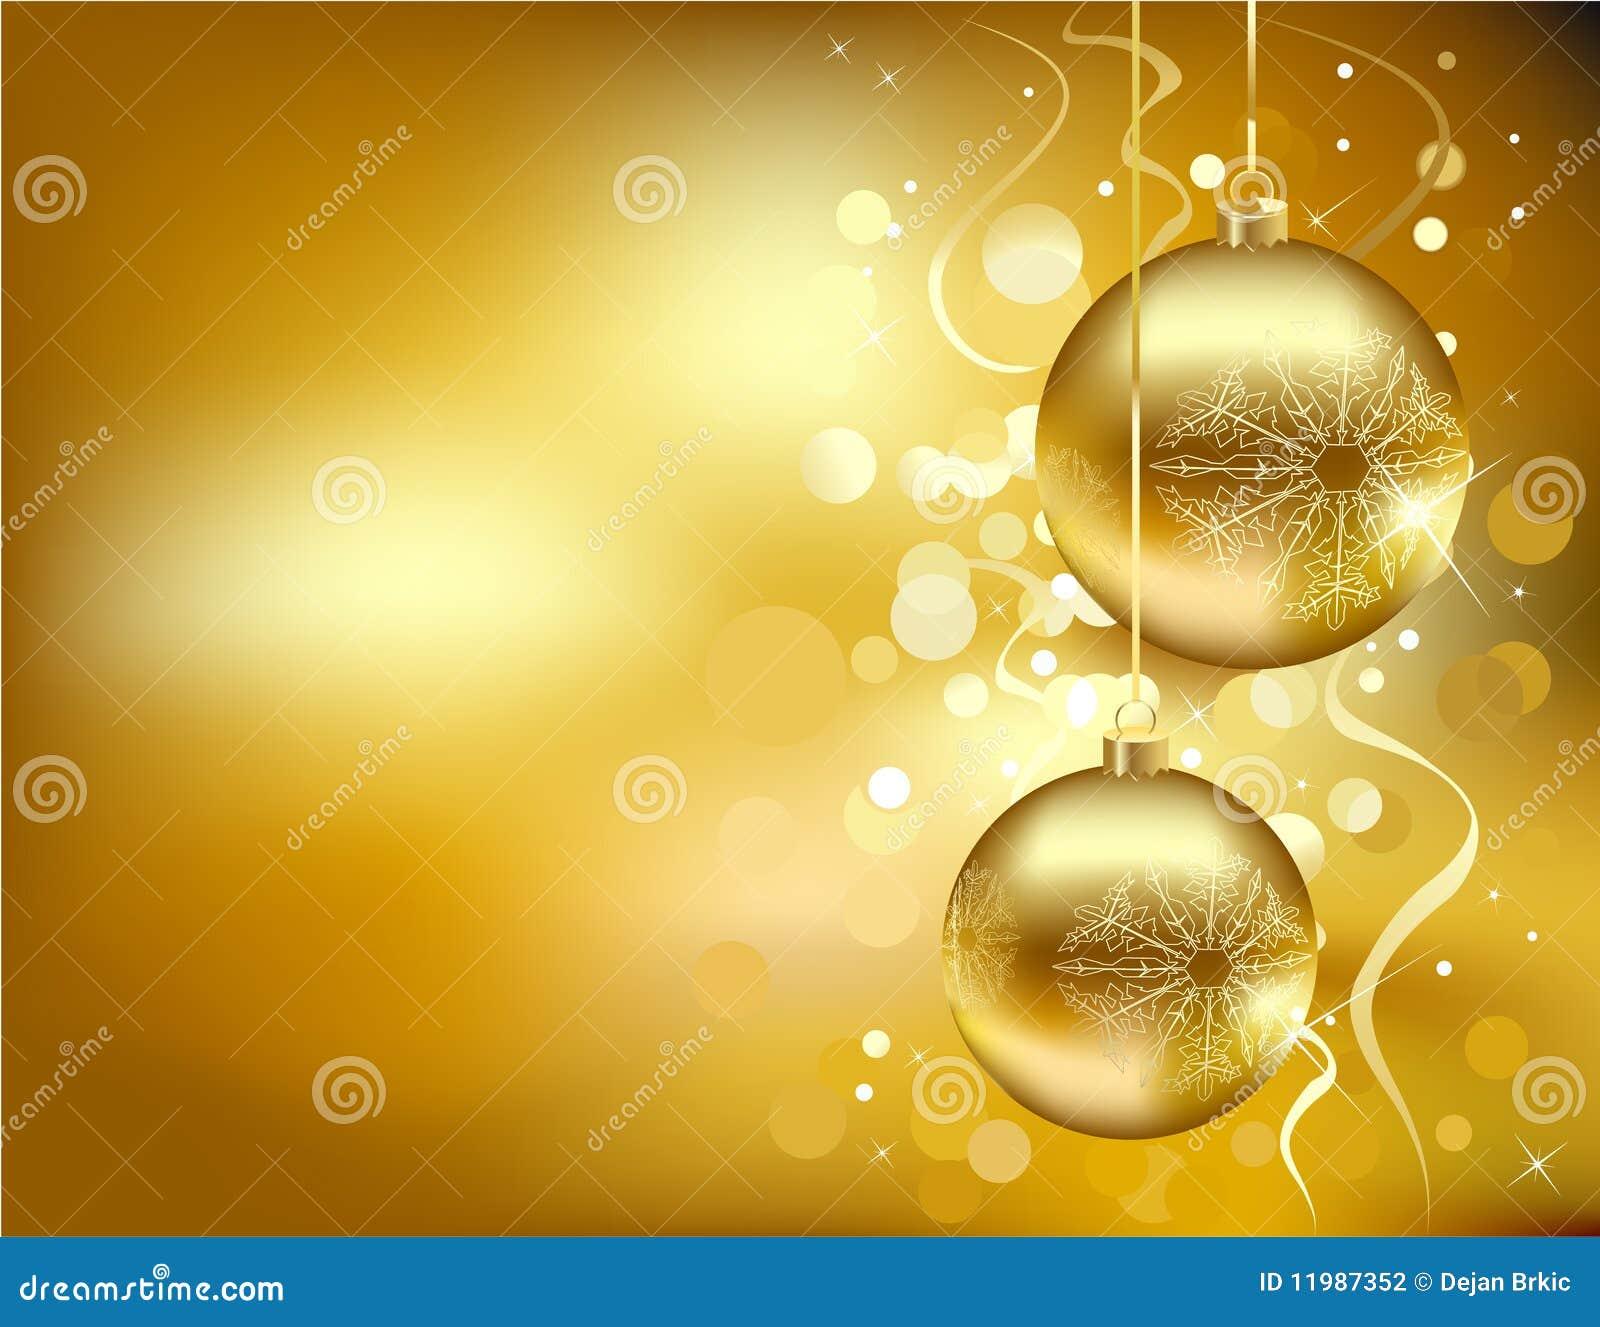 Decorazioni Natalizie Dorate.Decorazioni Dorate Di Natale Illustrazione Vettoriale